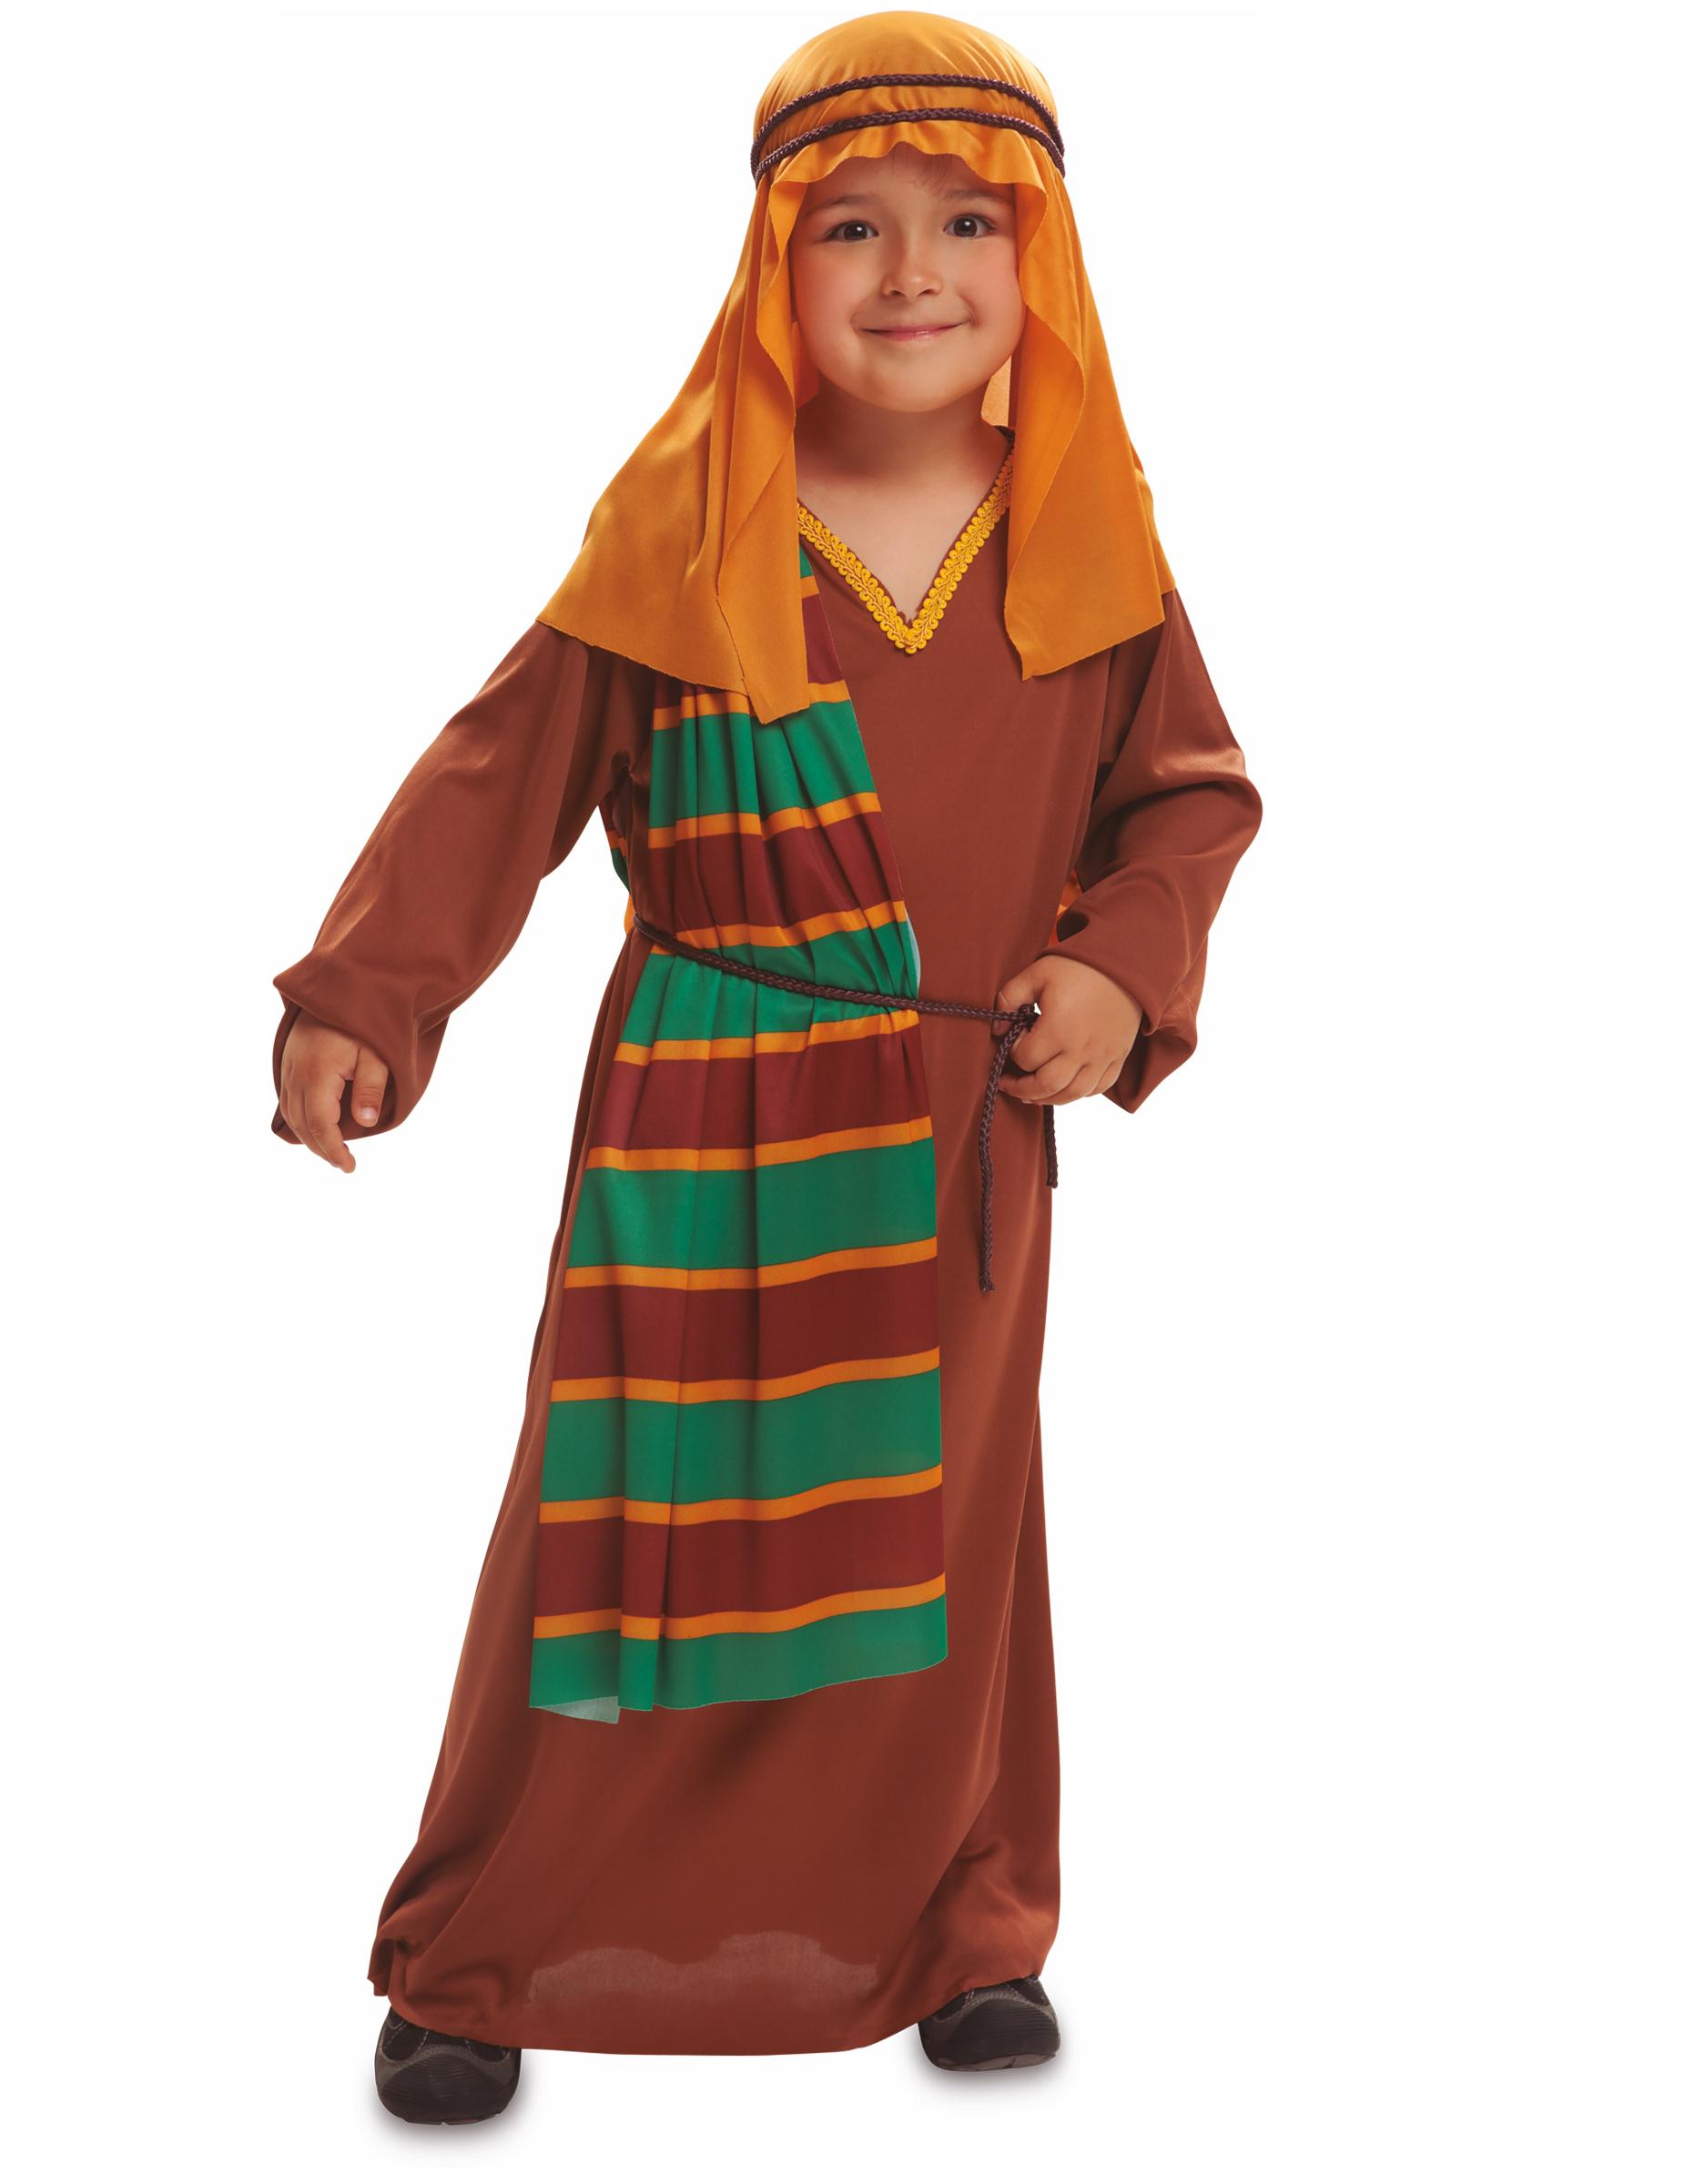 Costume per Bambini Pastore donna 7-9 Anni